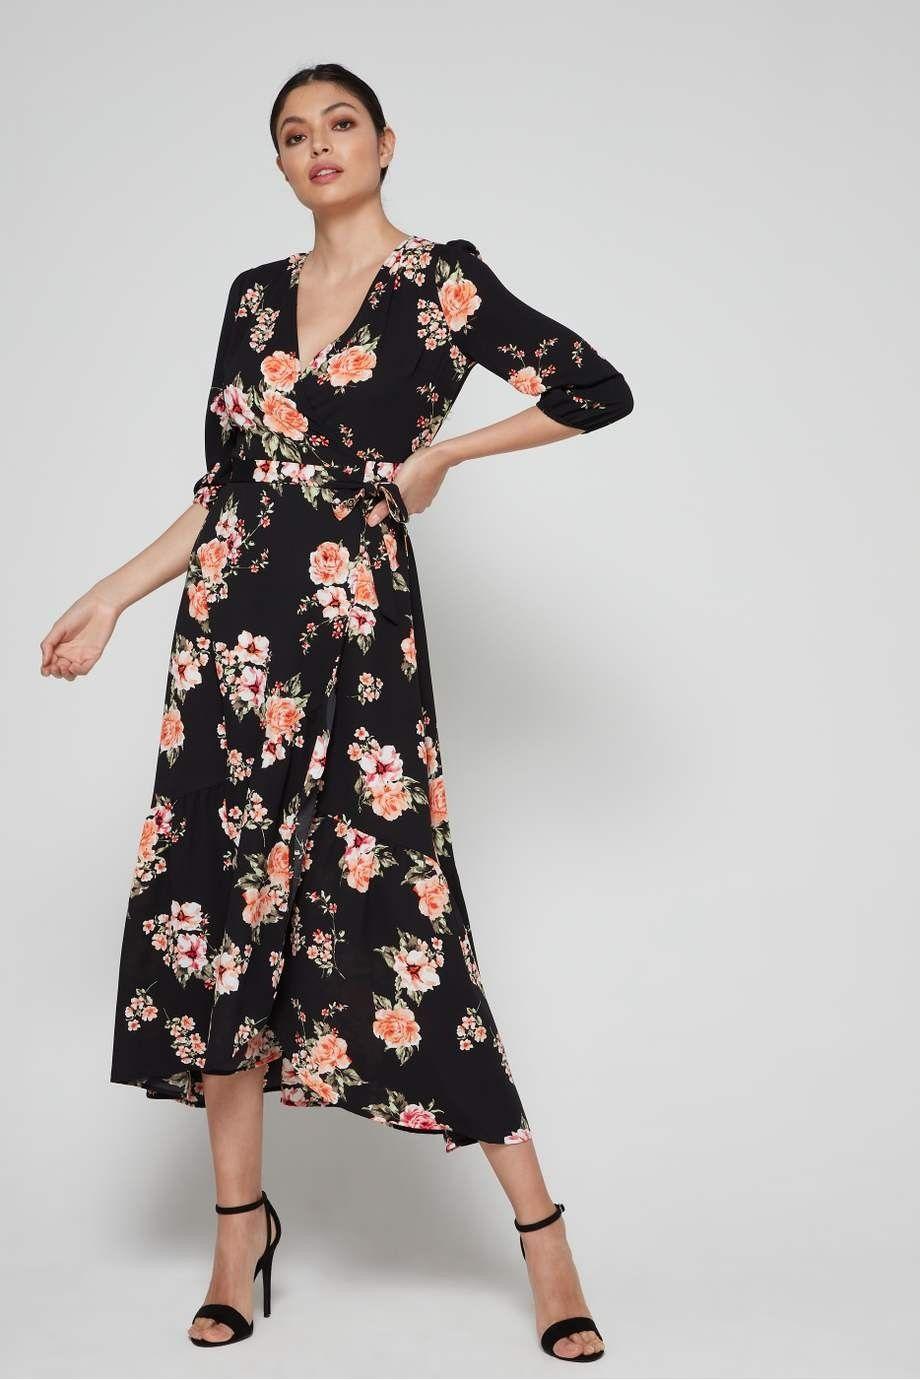 هدايا العيد للكبار أفكار هدايا العيد In 2020 Long Sleeve Dress Dresses With Sleeves Fashion